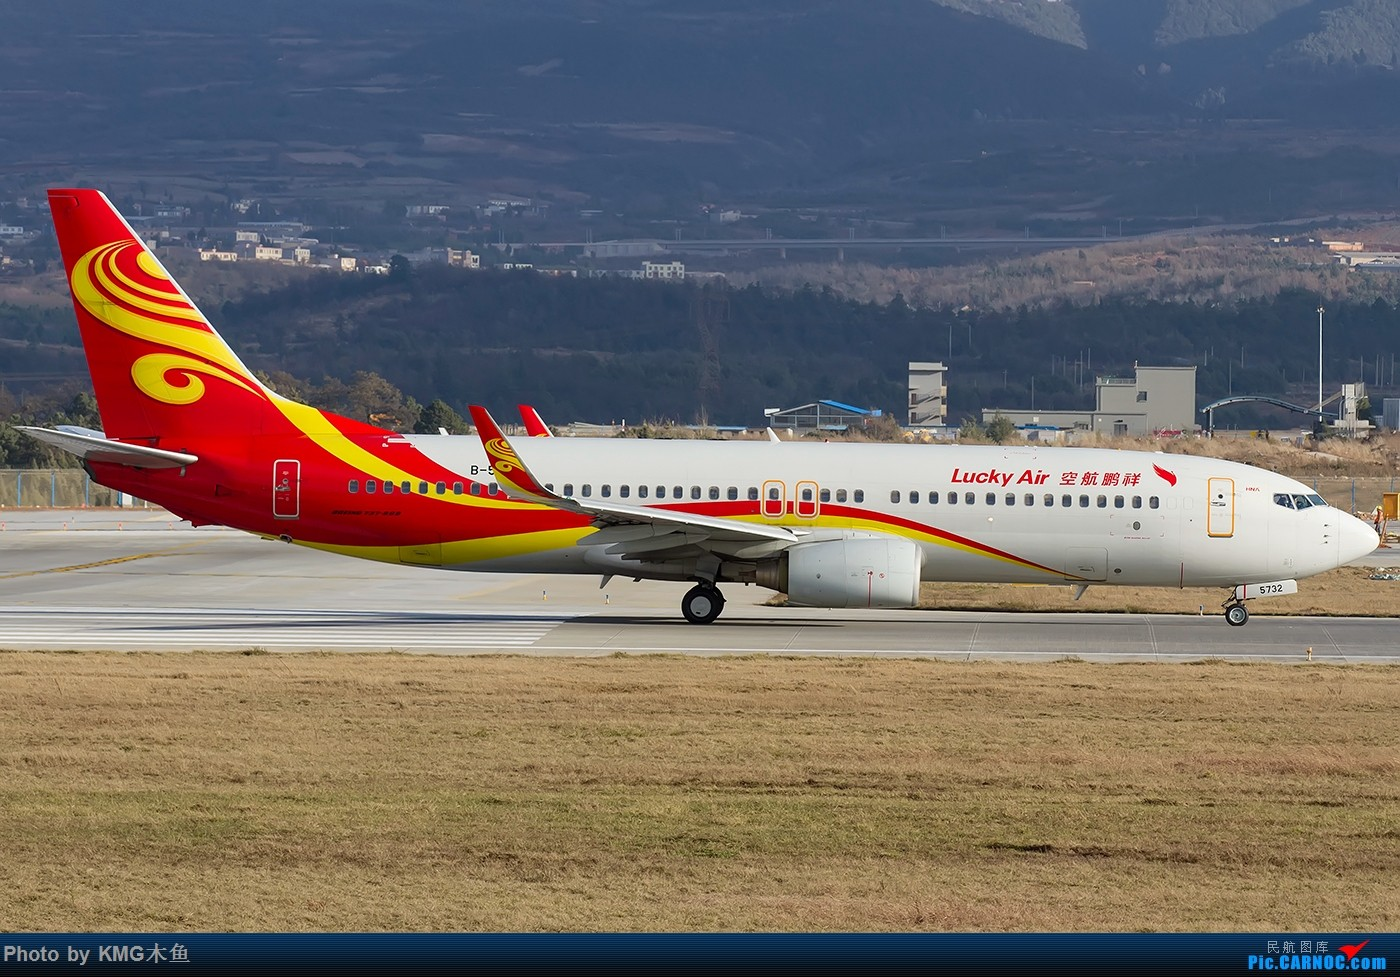 Re:[原创]【KMG】【昆明飞友会-KMG木鱼】2016年一月的周末从白天拍到天黑,临走时还来了一架波音777 BOEING 737-800 B-5732 中国昆明长水国际机场